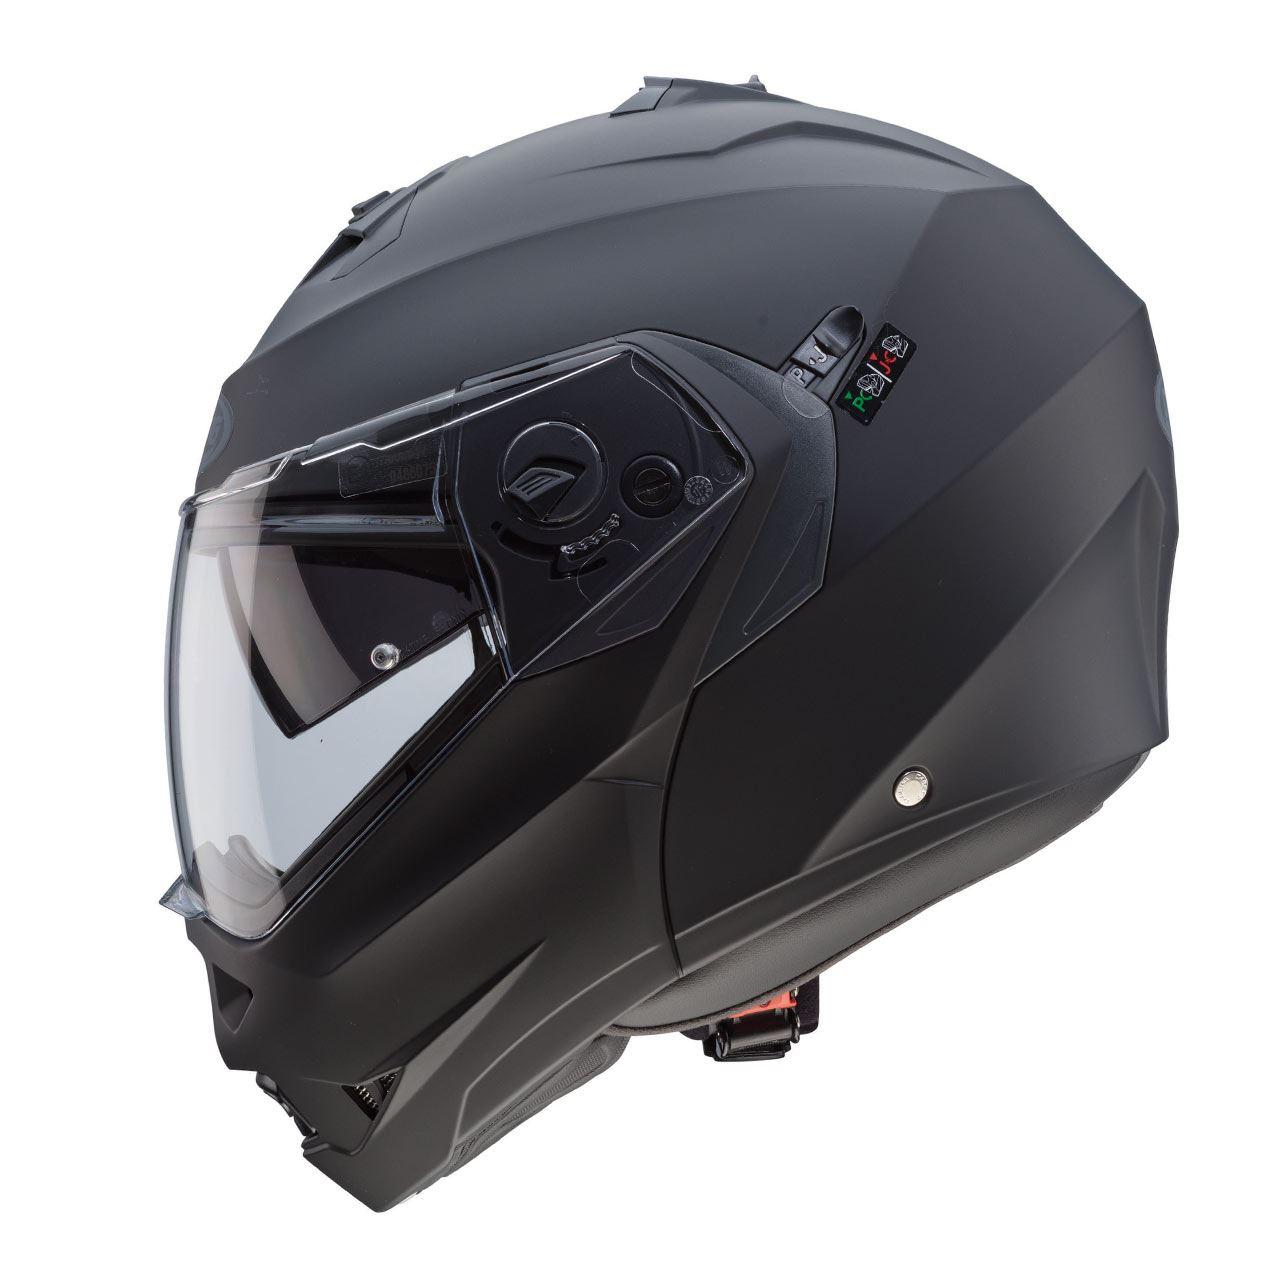 Caberg-Duke-II-Flip-Front-Motorcycle-Helmet-Modular-Bike-Sun-Visor-amp-Pinlock thumbnail 17